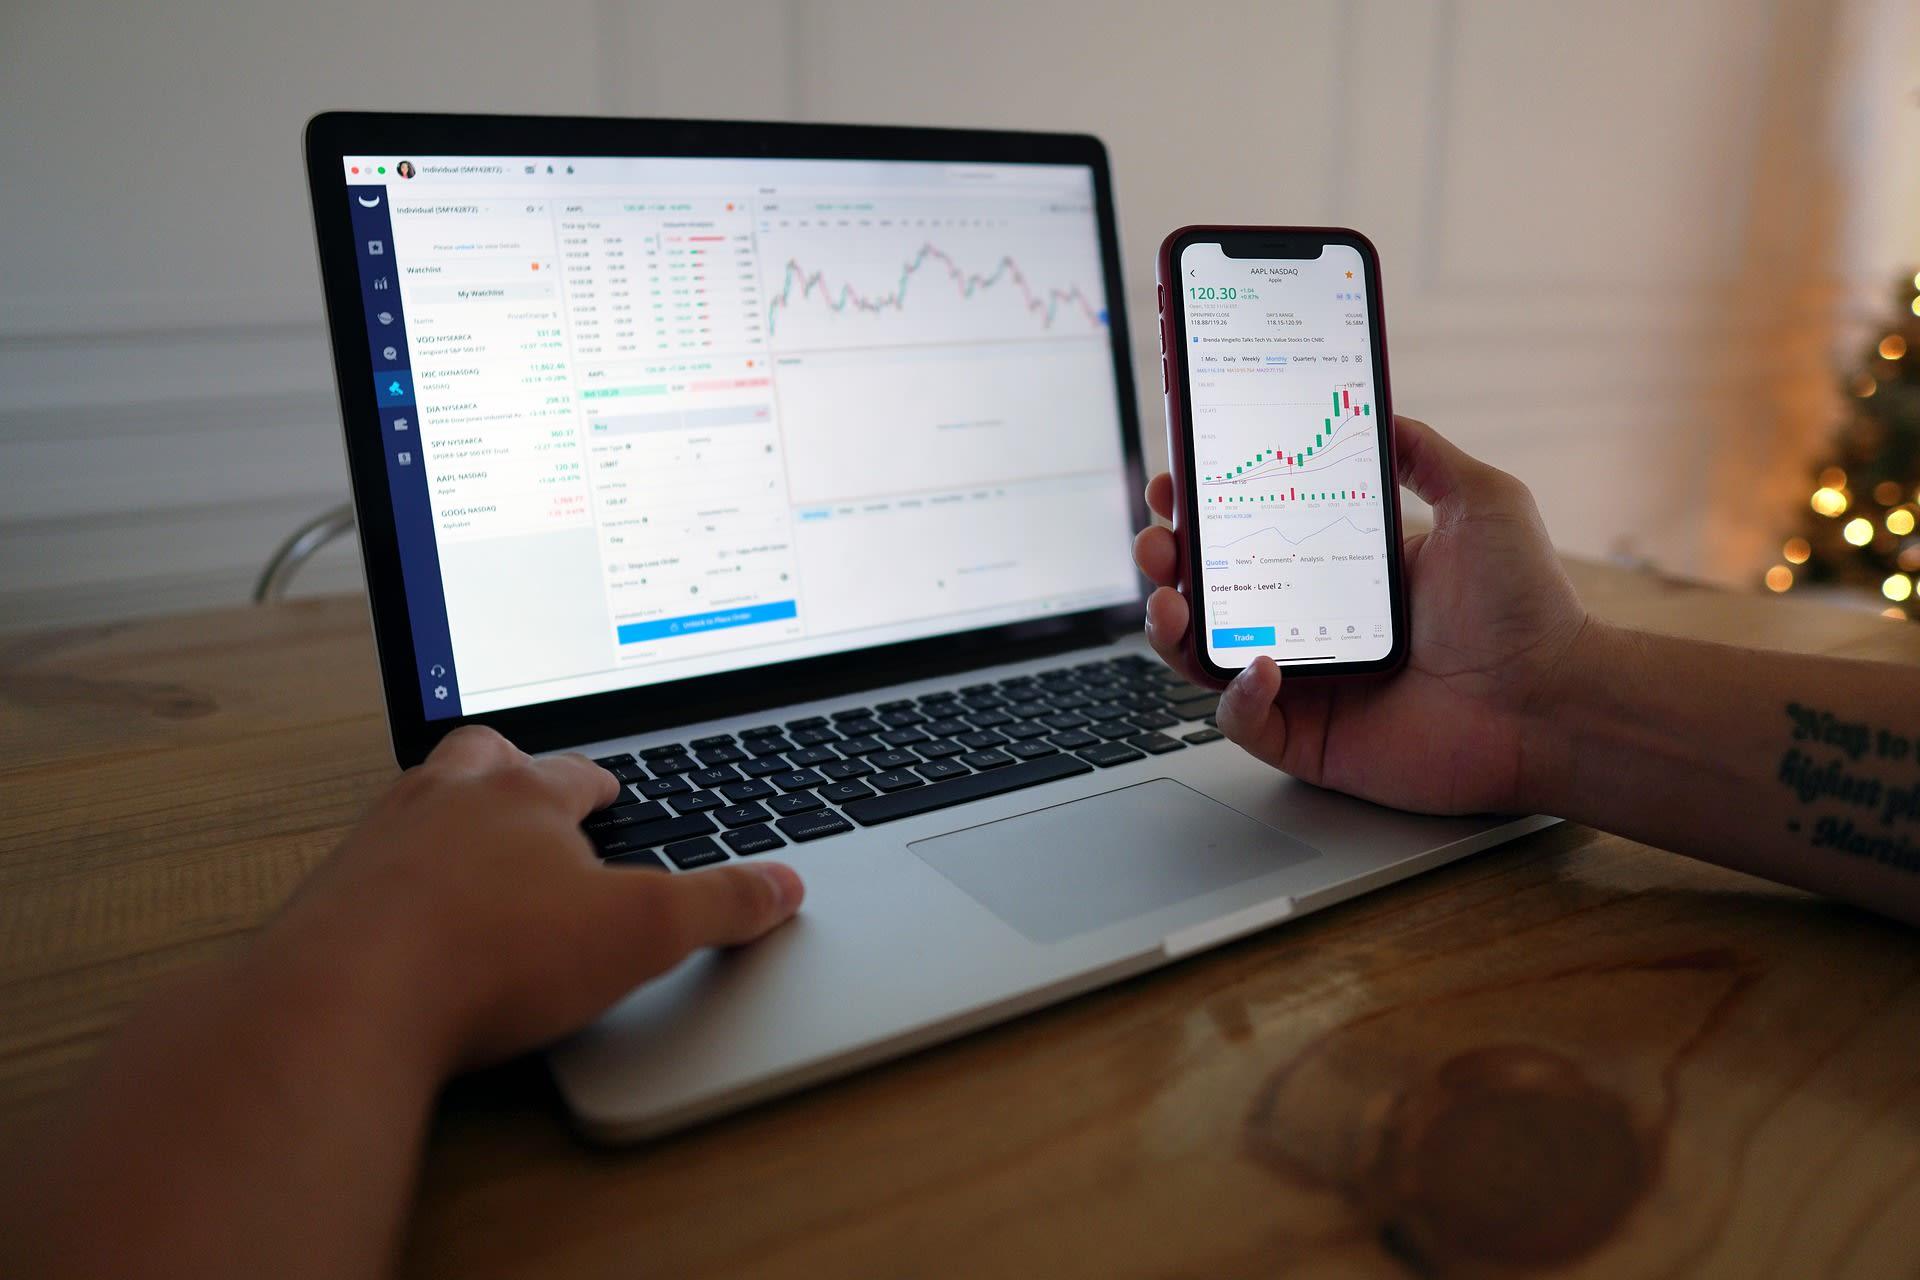 Código do mini dólar - Você precisa seguir um passo a passo simples para investir em mini dólar. Tudo pode ser feito diretamente de seu computador.